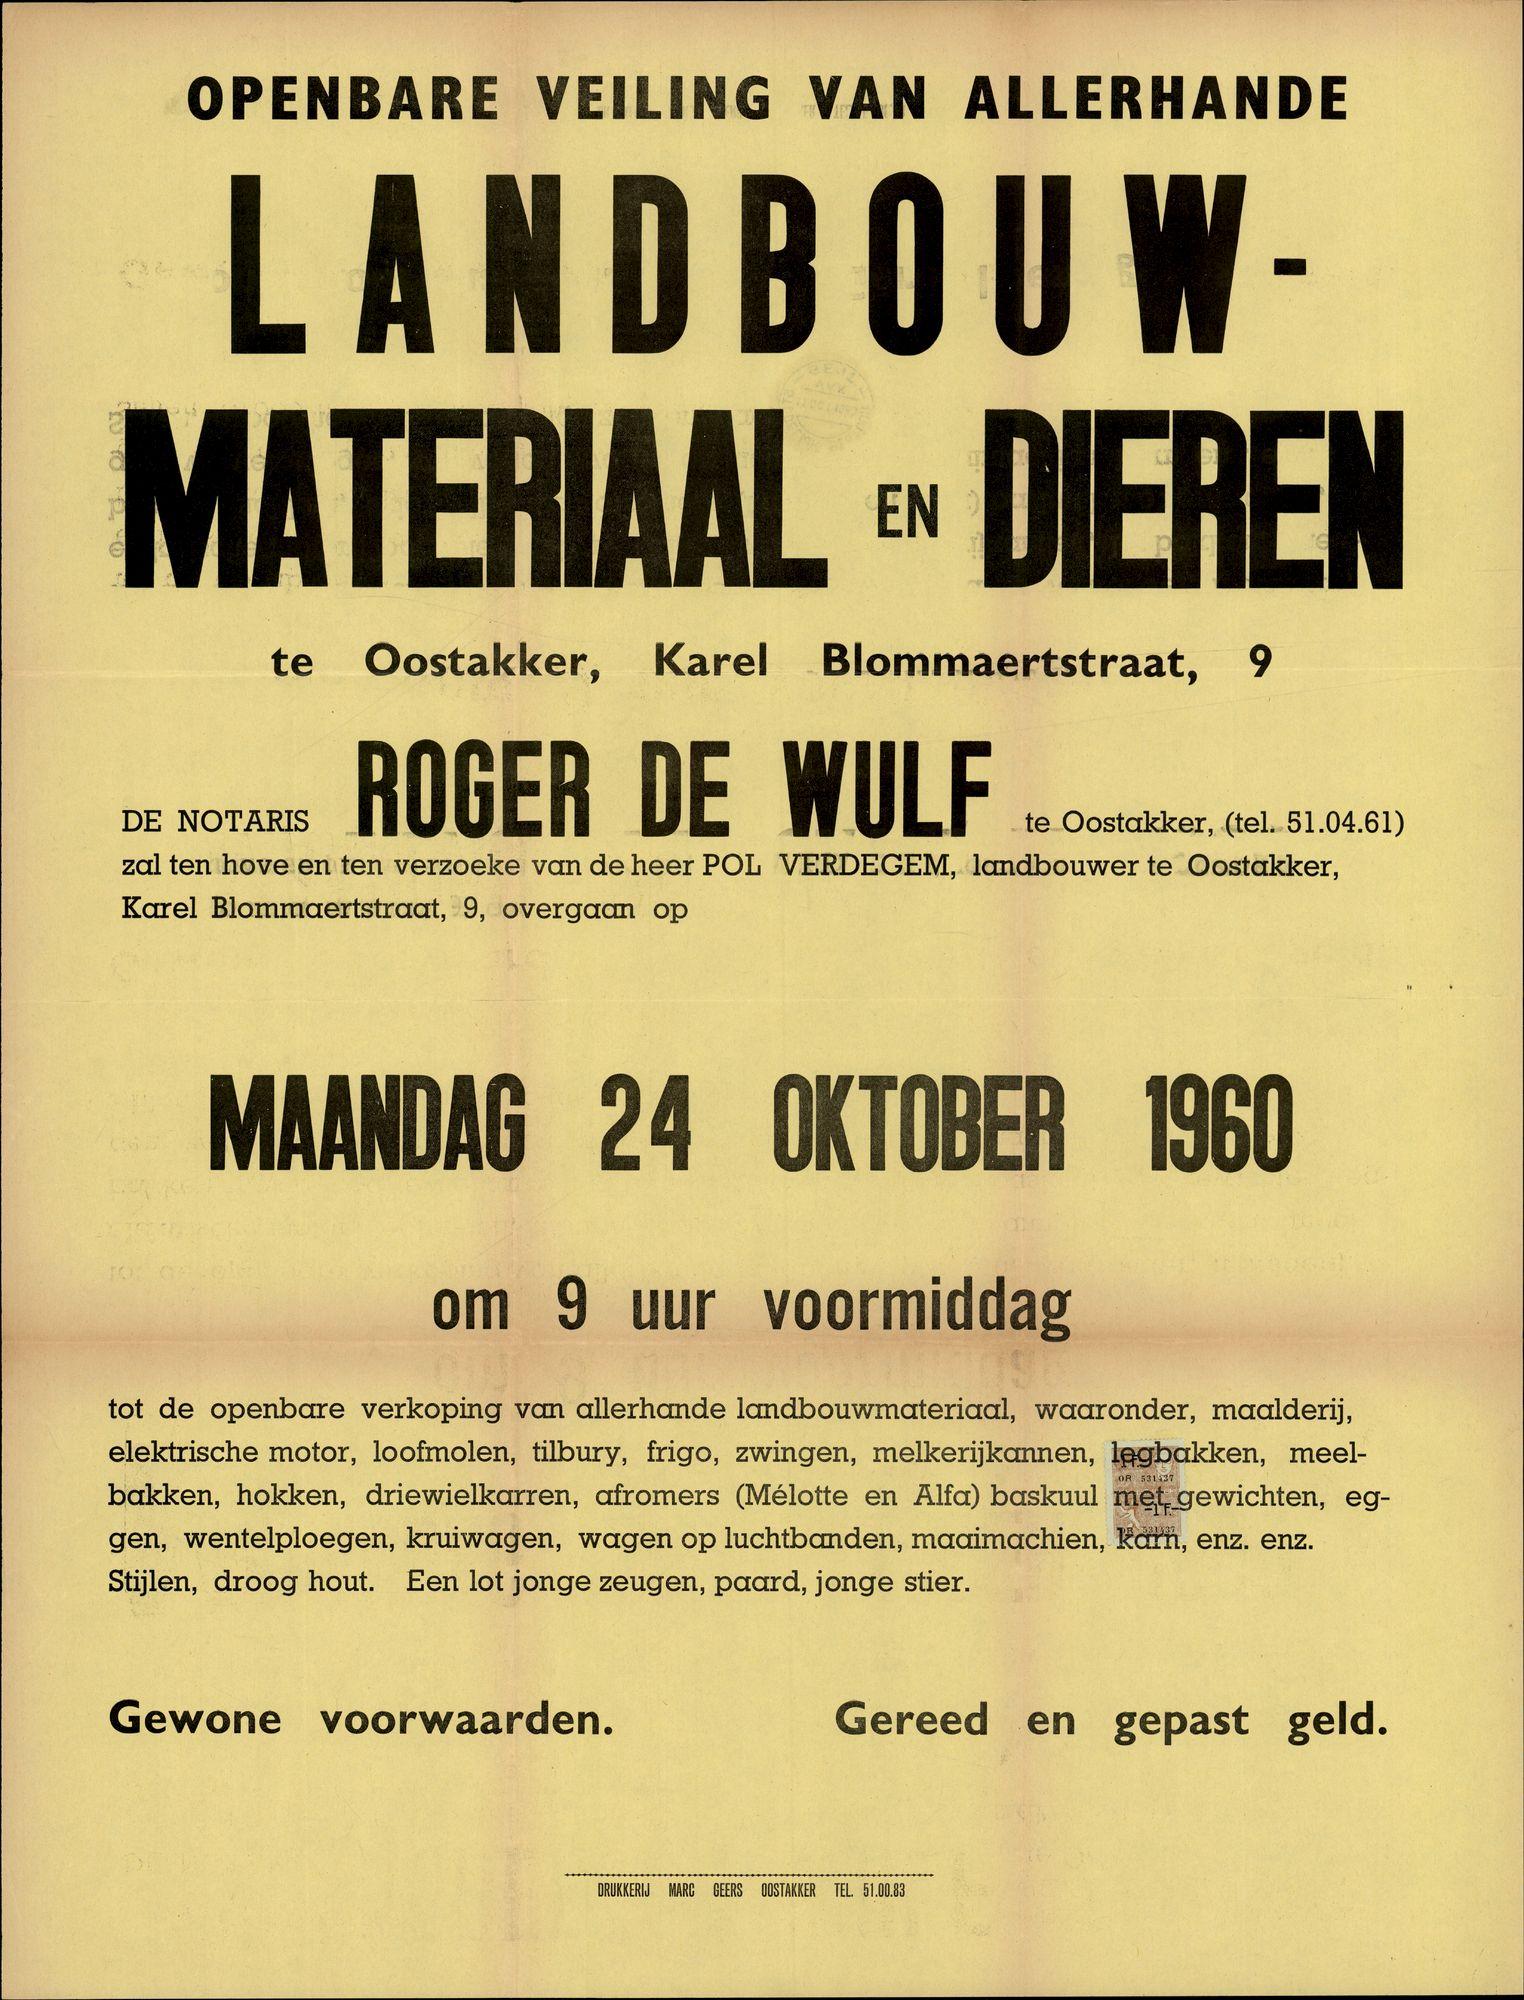 Openbare veiling van allerhande landbouwmateriaal en dieren te Oostakker, Karel Blommaertstraat, nr.9, 24 oktober 1960